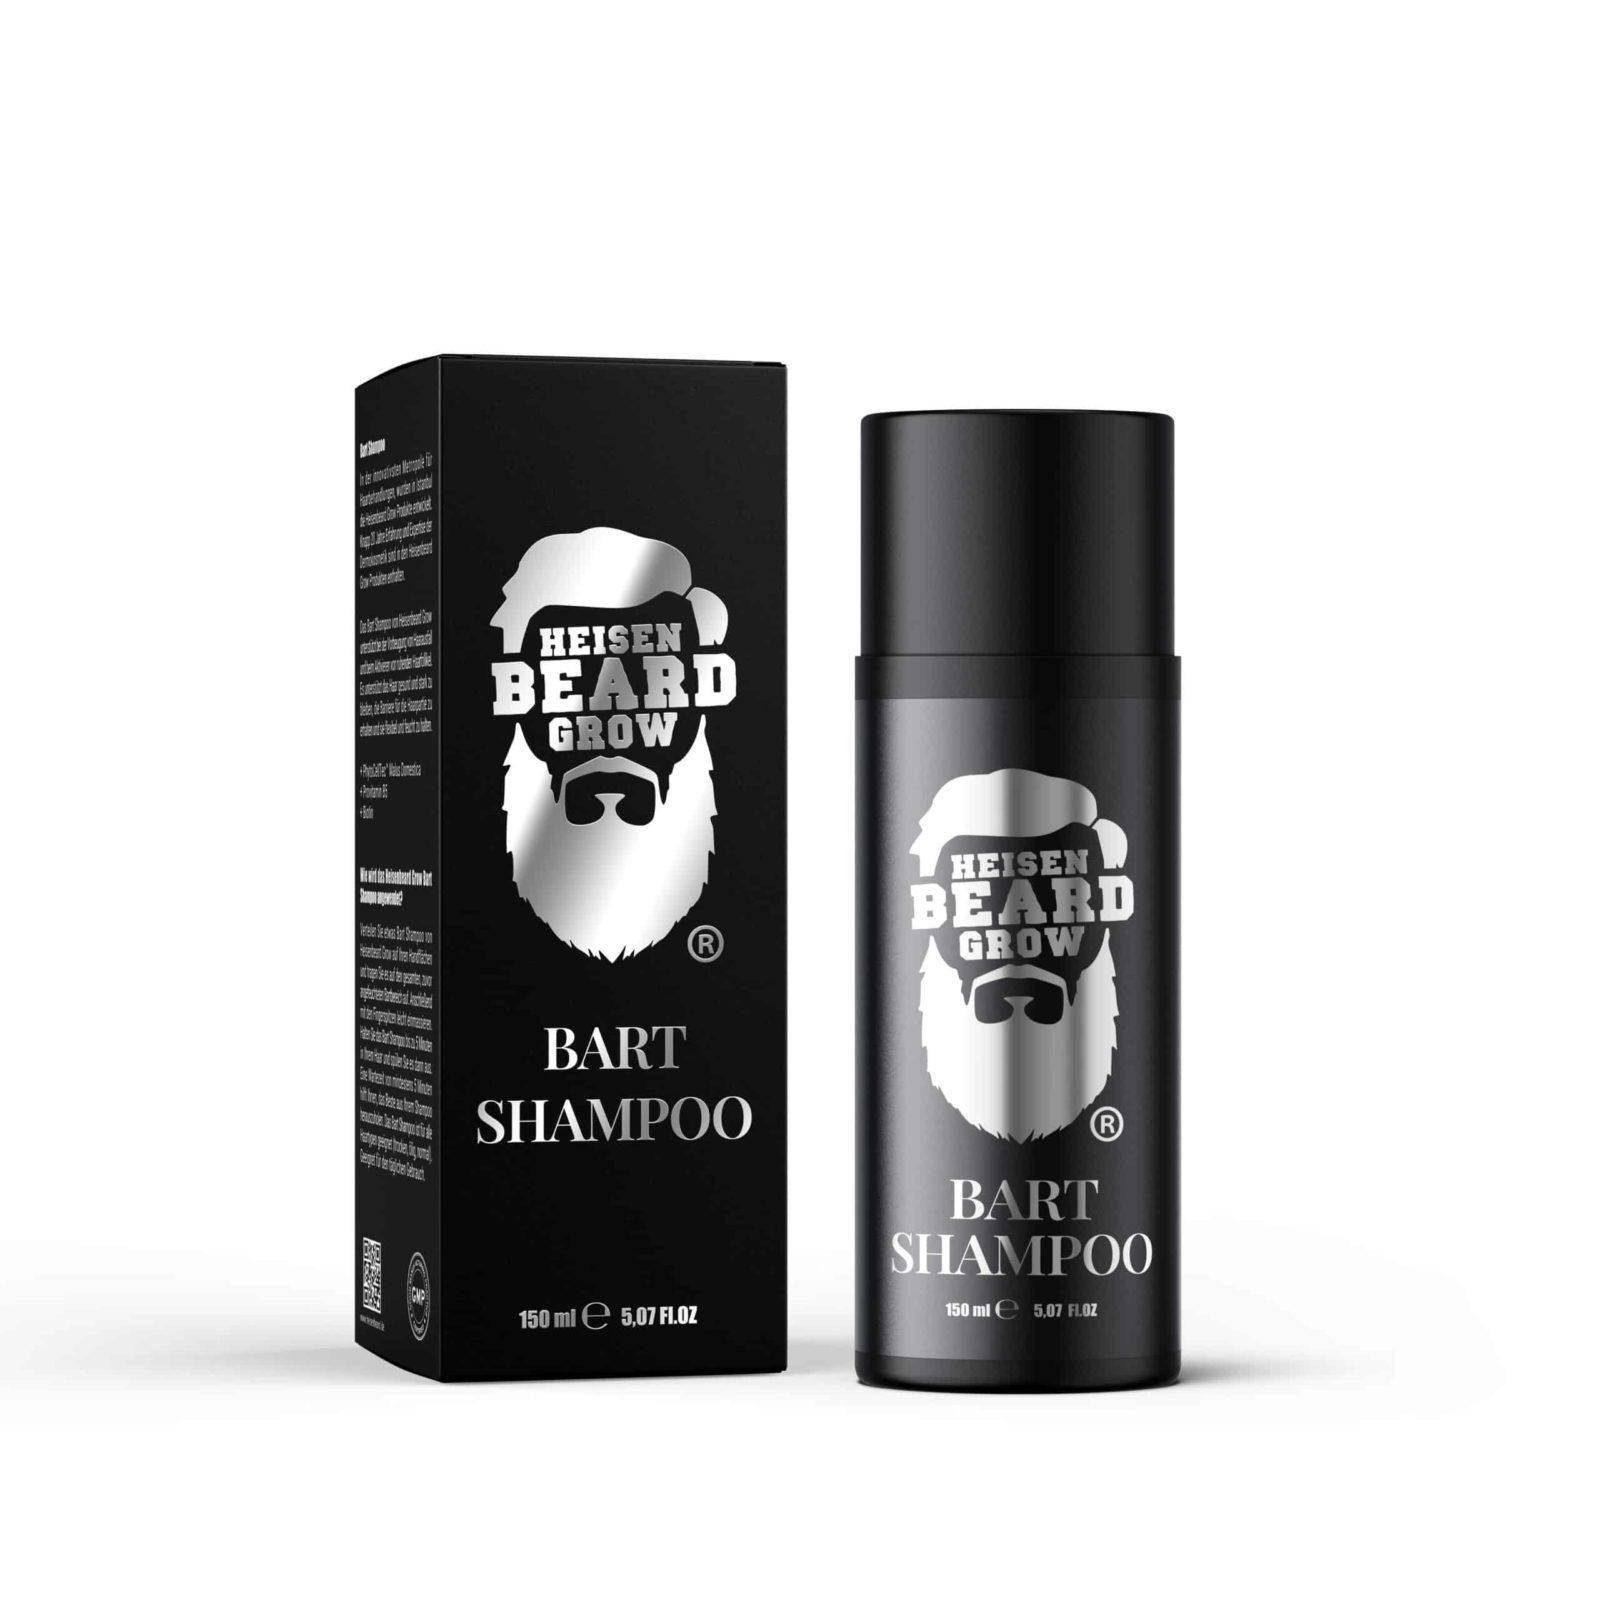 Bart Shampoo HBG + Verpackung